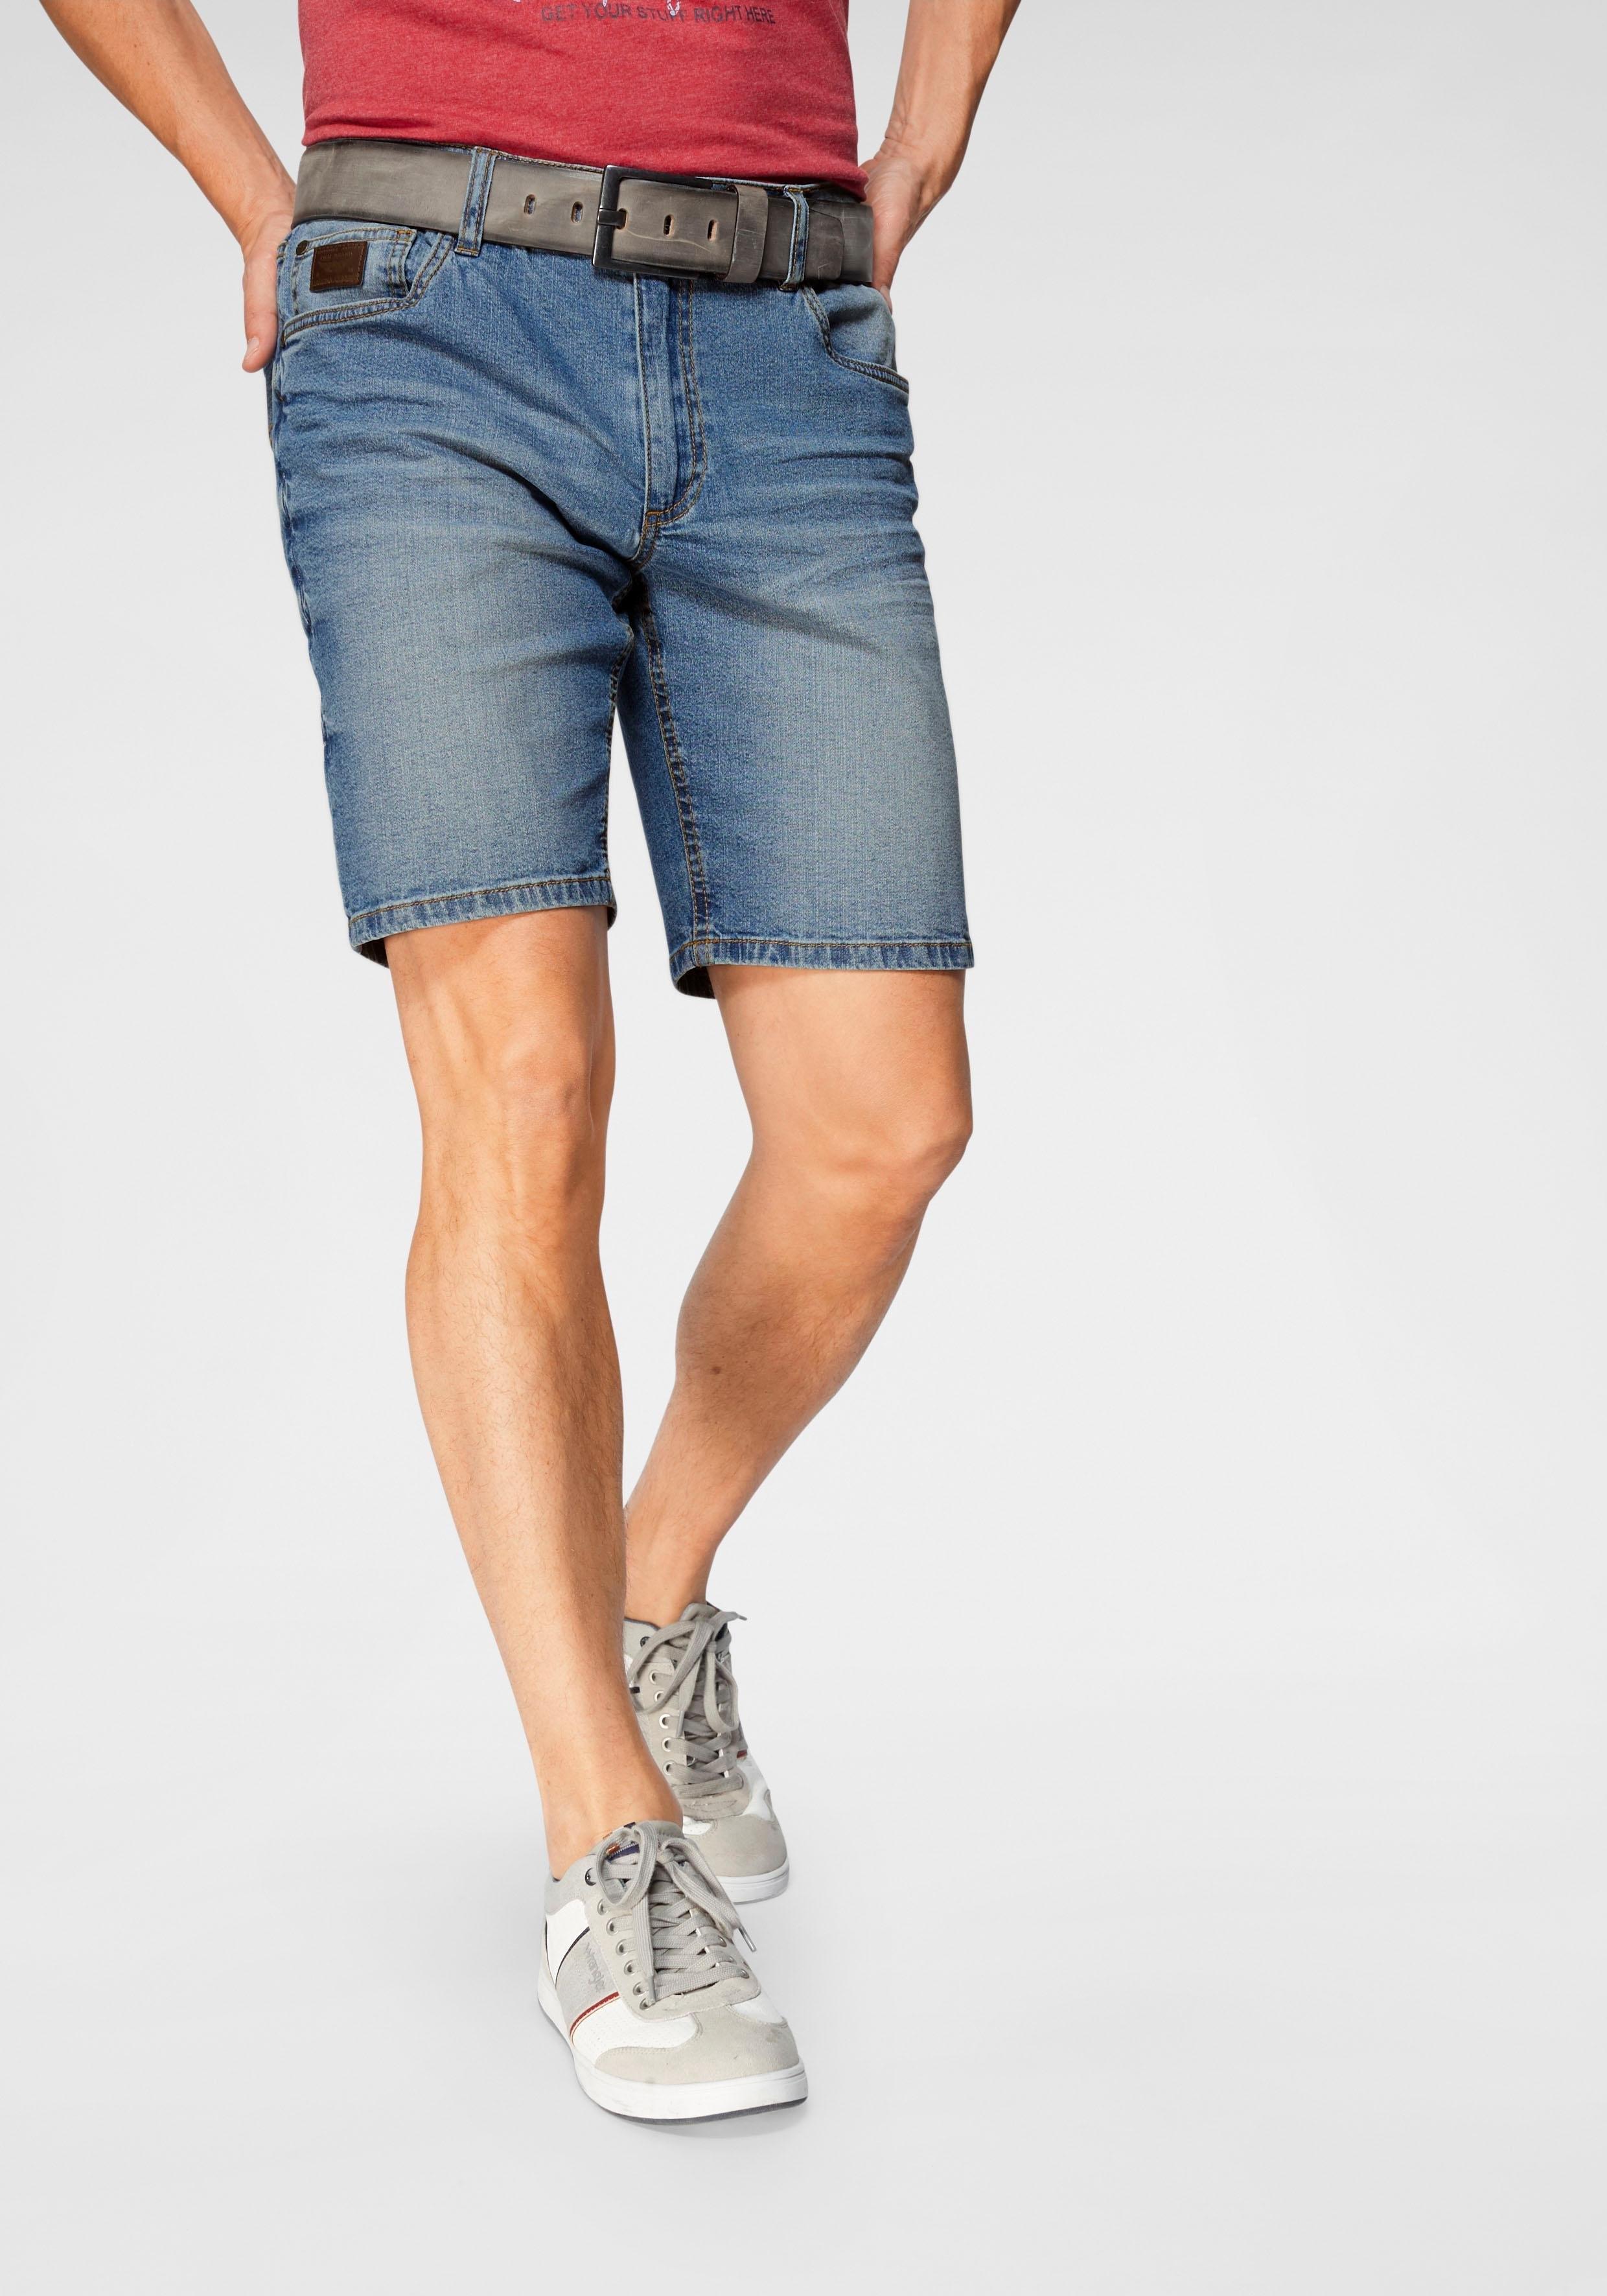 ARIZONA jeansshort - verschillende betaalmethodes